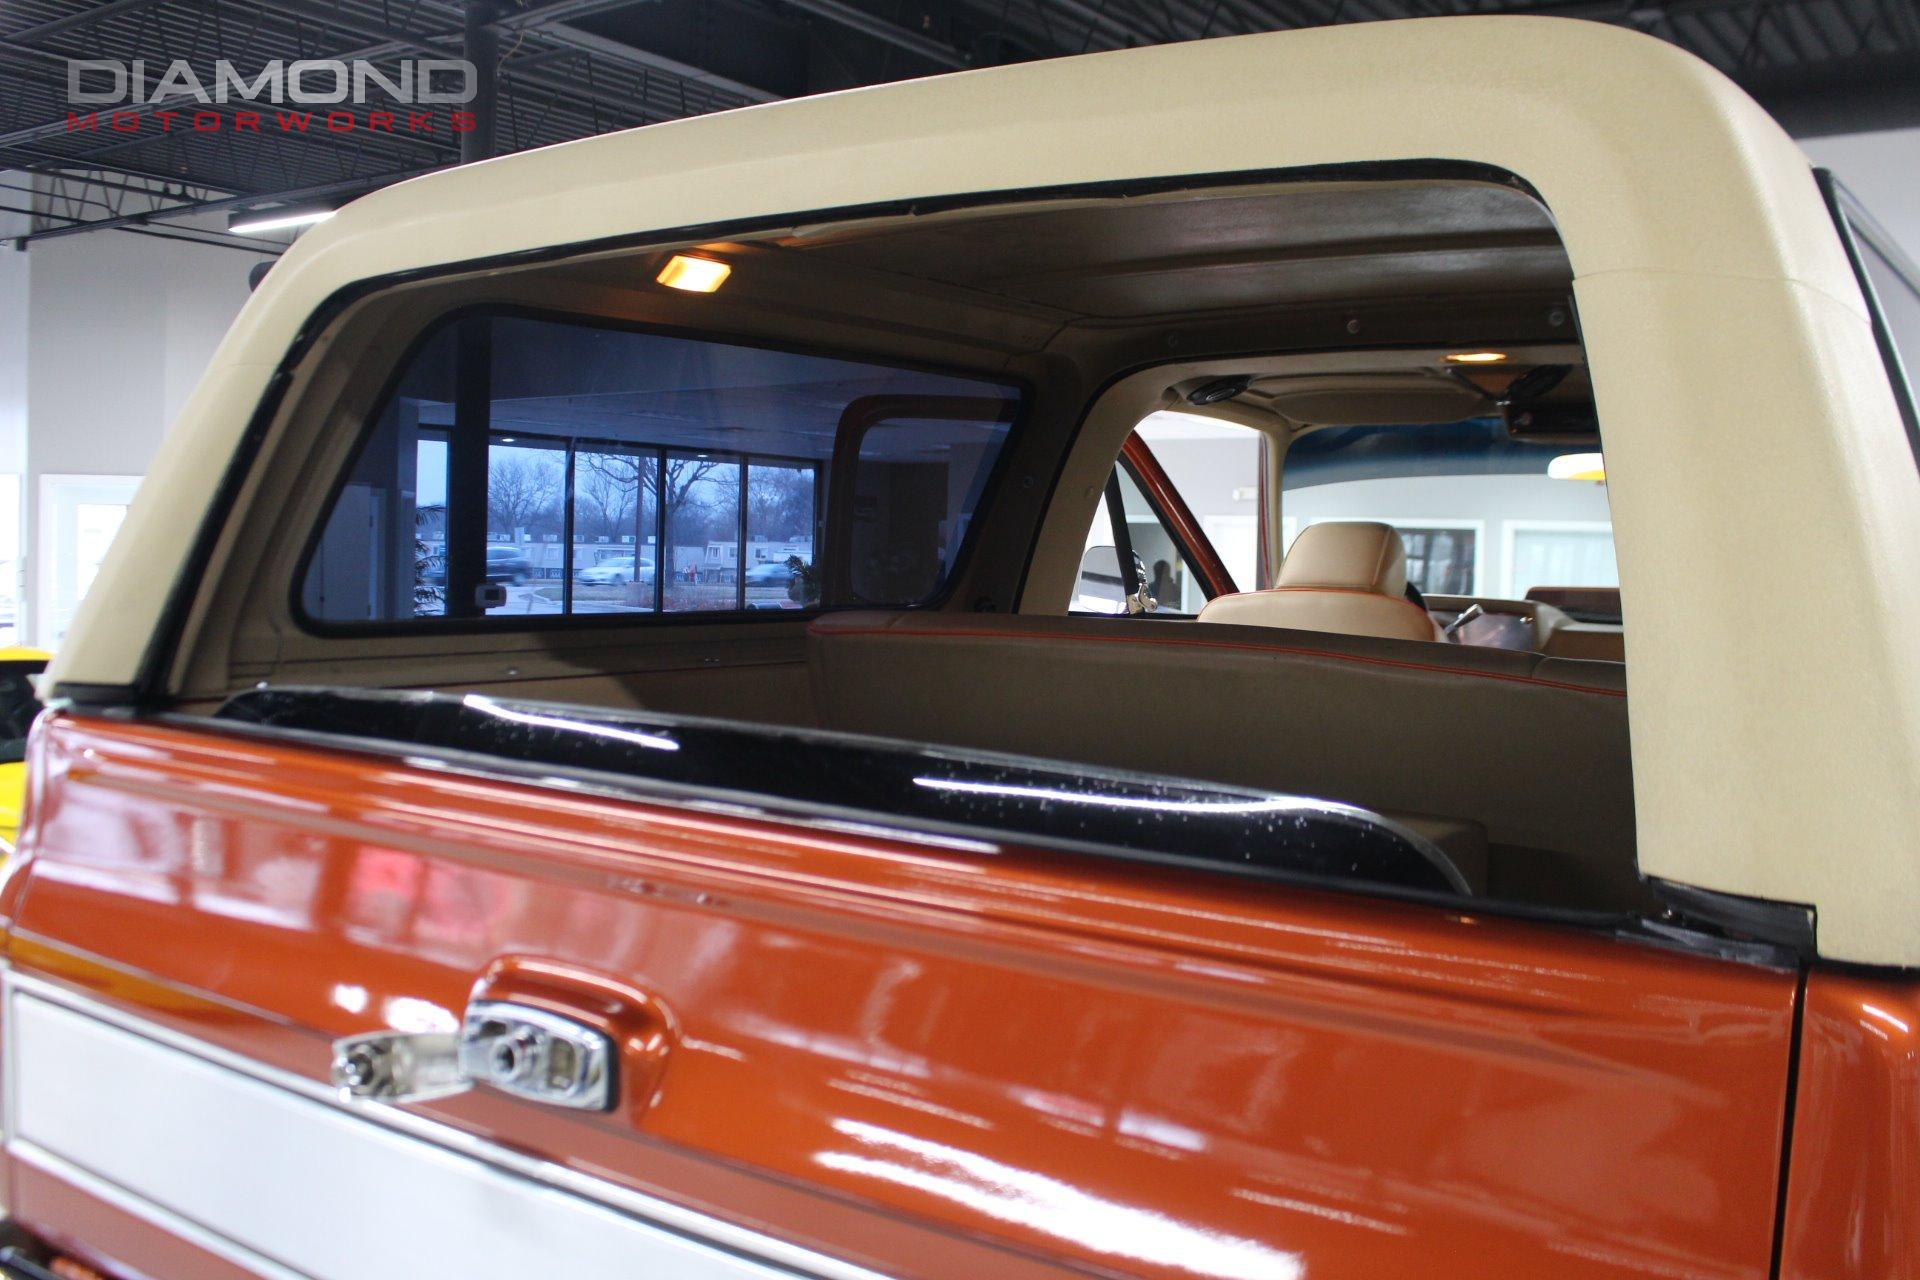 1987 Chevrolet Blazer K5 Stock # 157668 for sale near Lisle